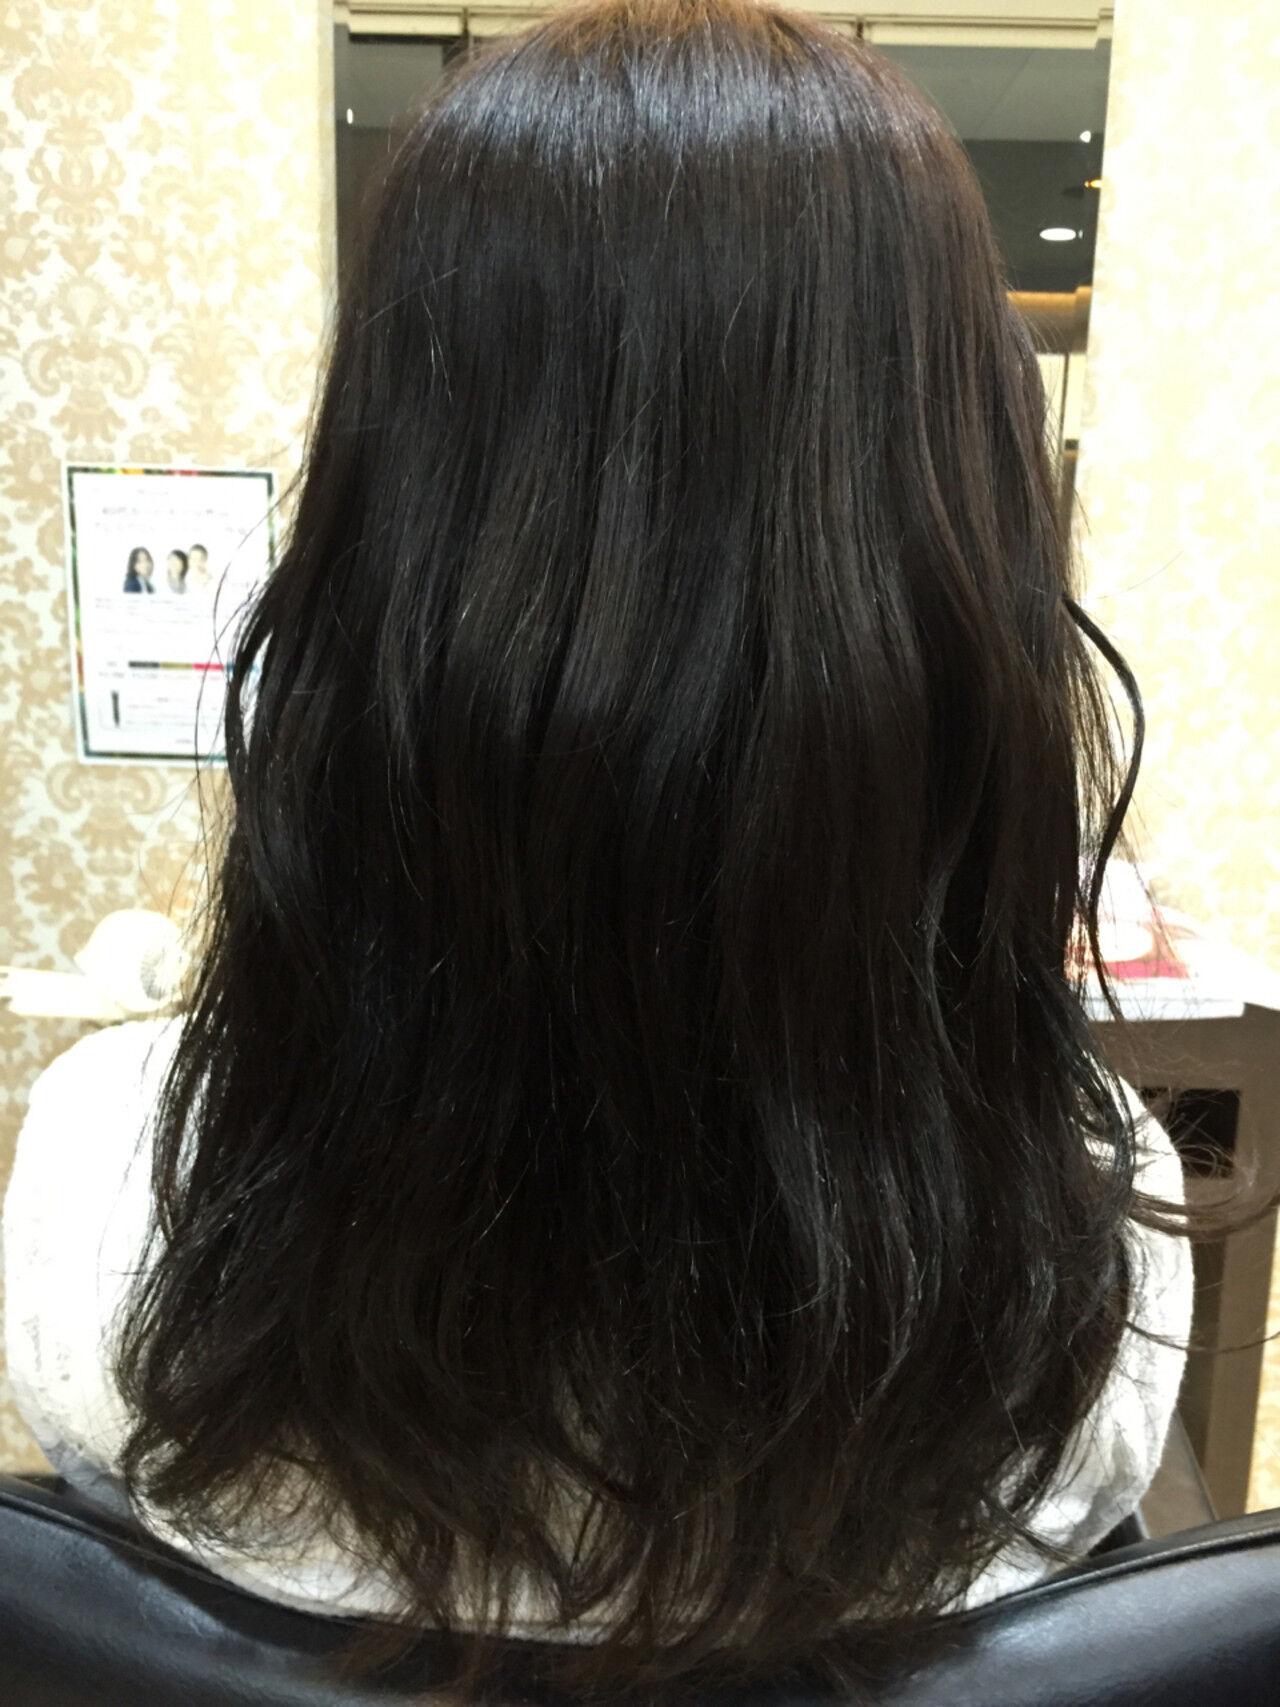 ロング オフィス ナチュラル セミロングヘアスタイルや髪型の写真・画像